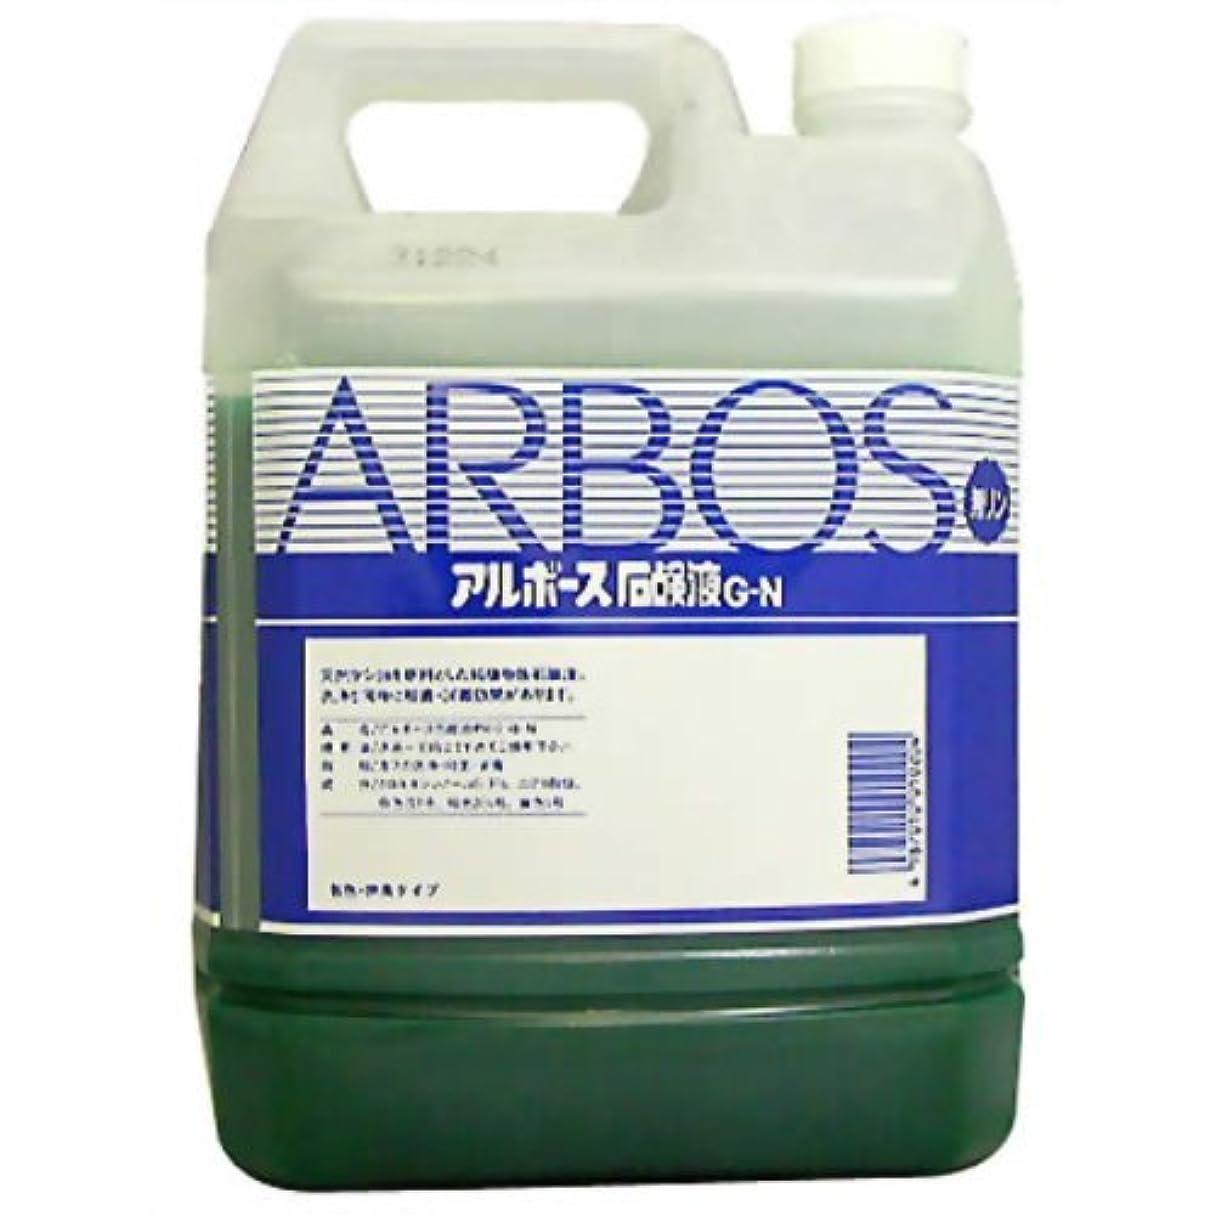 評価する写真を描く狂気アルボース石鹸液GN 4kg